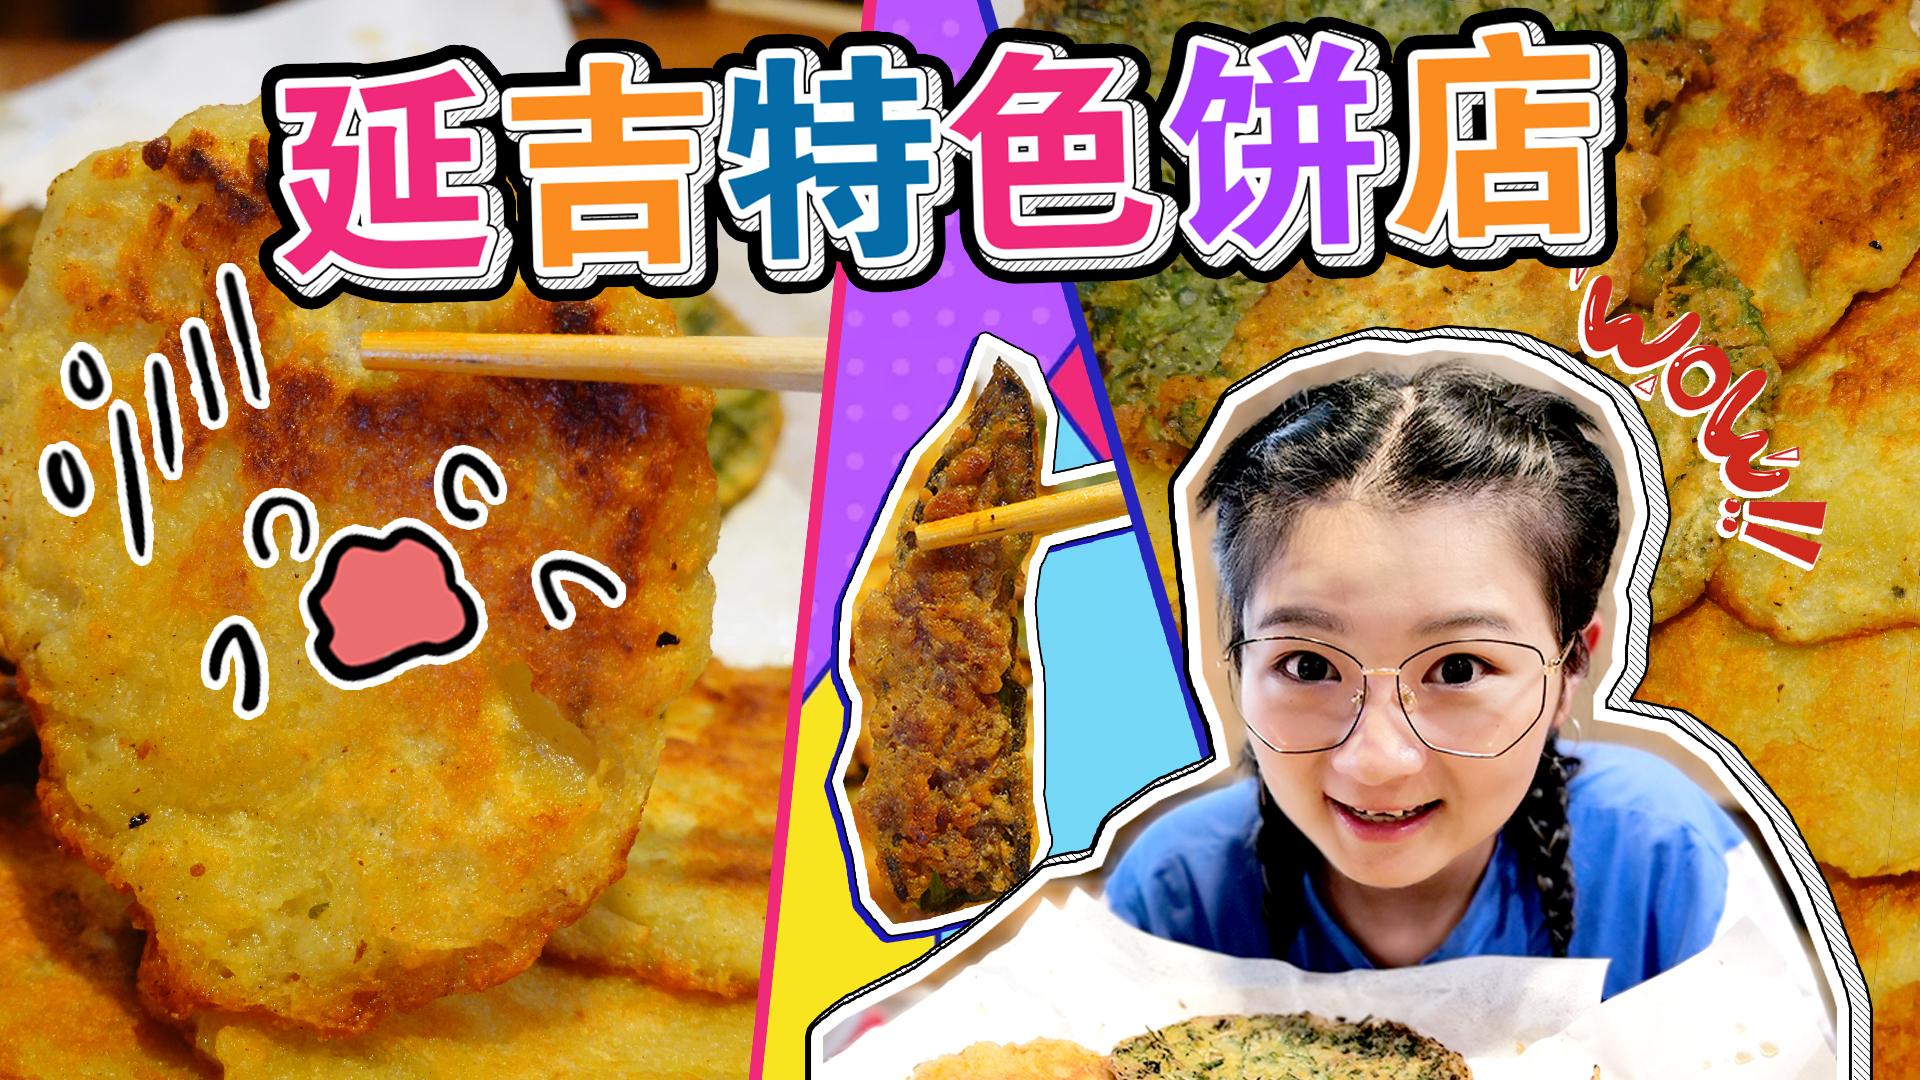 【逛吃延吉】民俗特色饼店!土豆饼一绝,油糯香软,饼边焦脆